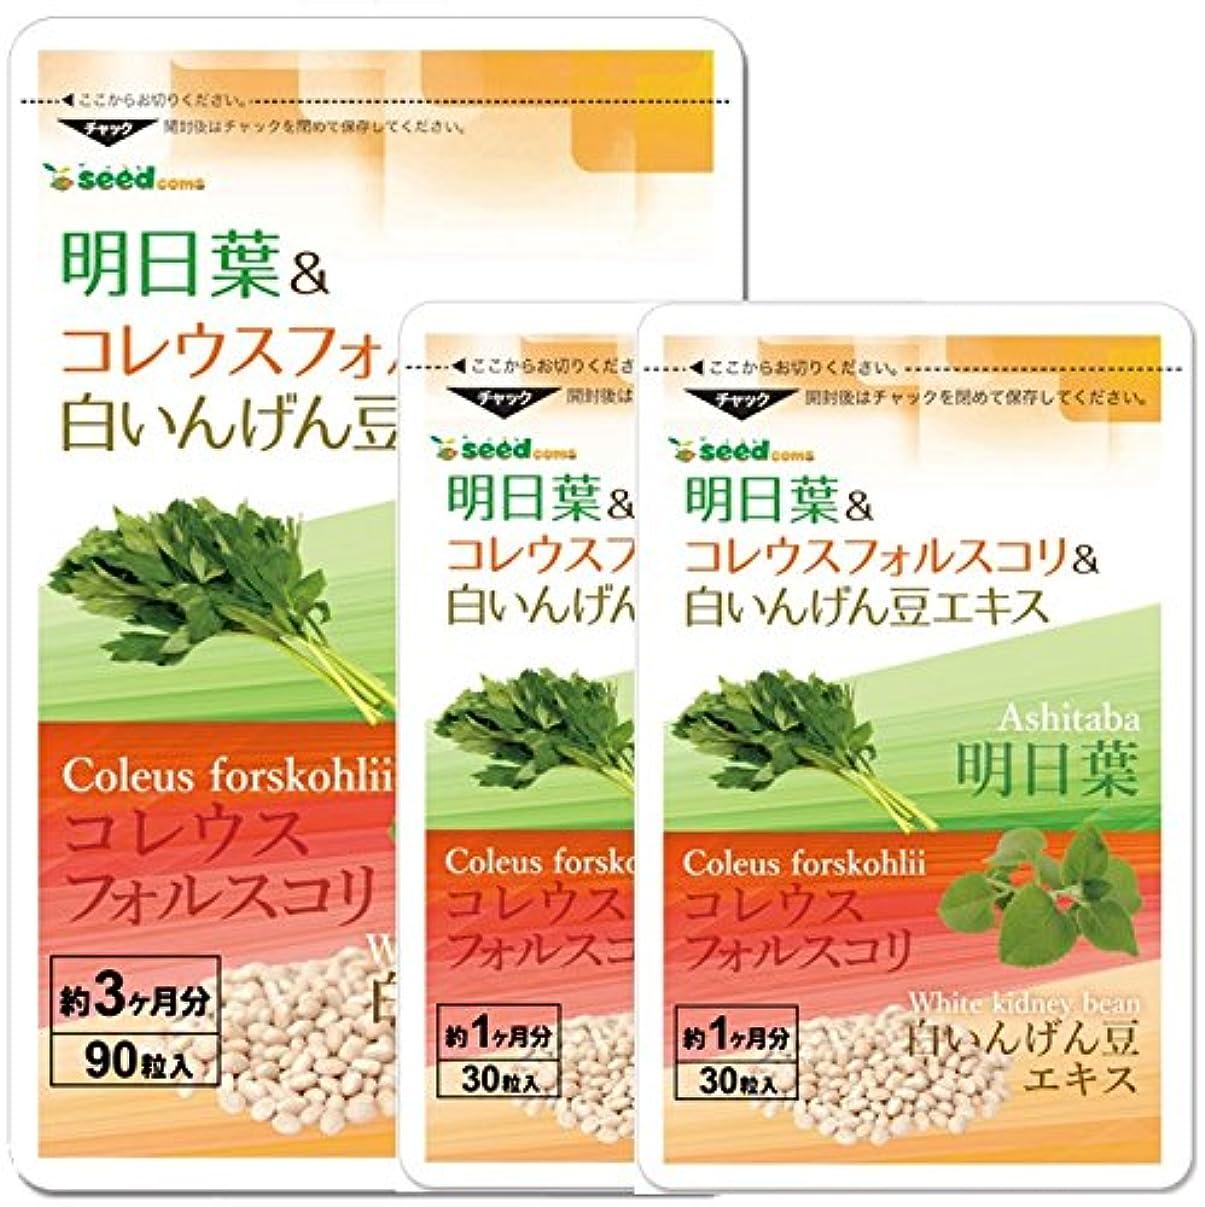 力学汚い荒れ地明日葉 & コレウスフォルスコリ & 白インゲン豆 エキス (約5ヶ月分/150粒) スッキリ&燃焼系&糖質バリアの3大ダイエット成分